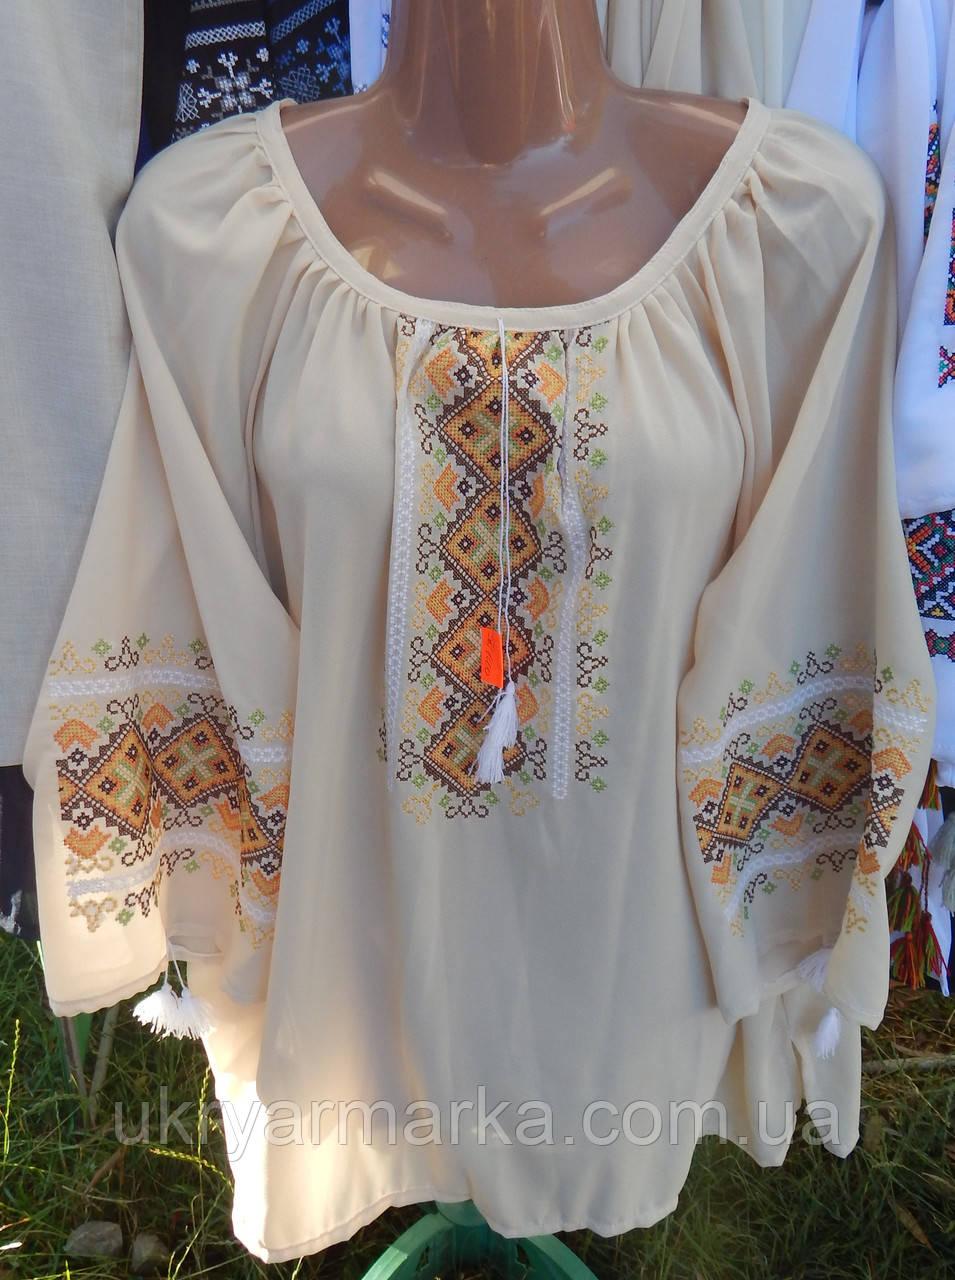 """Жіноча блузка """"Сонячний орнамент"""""""